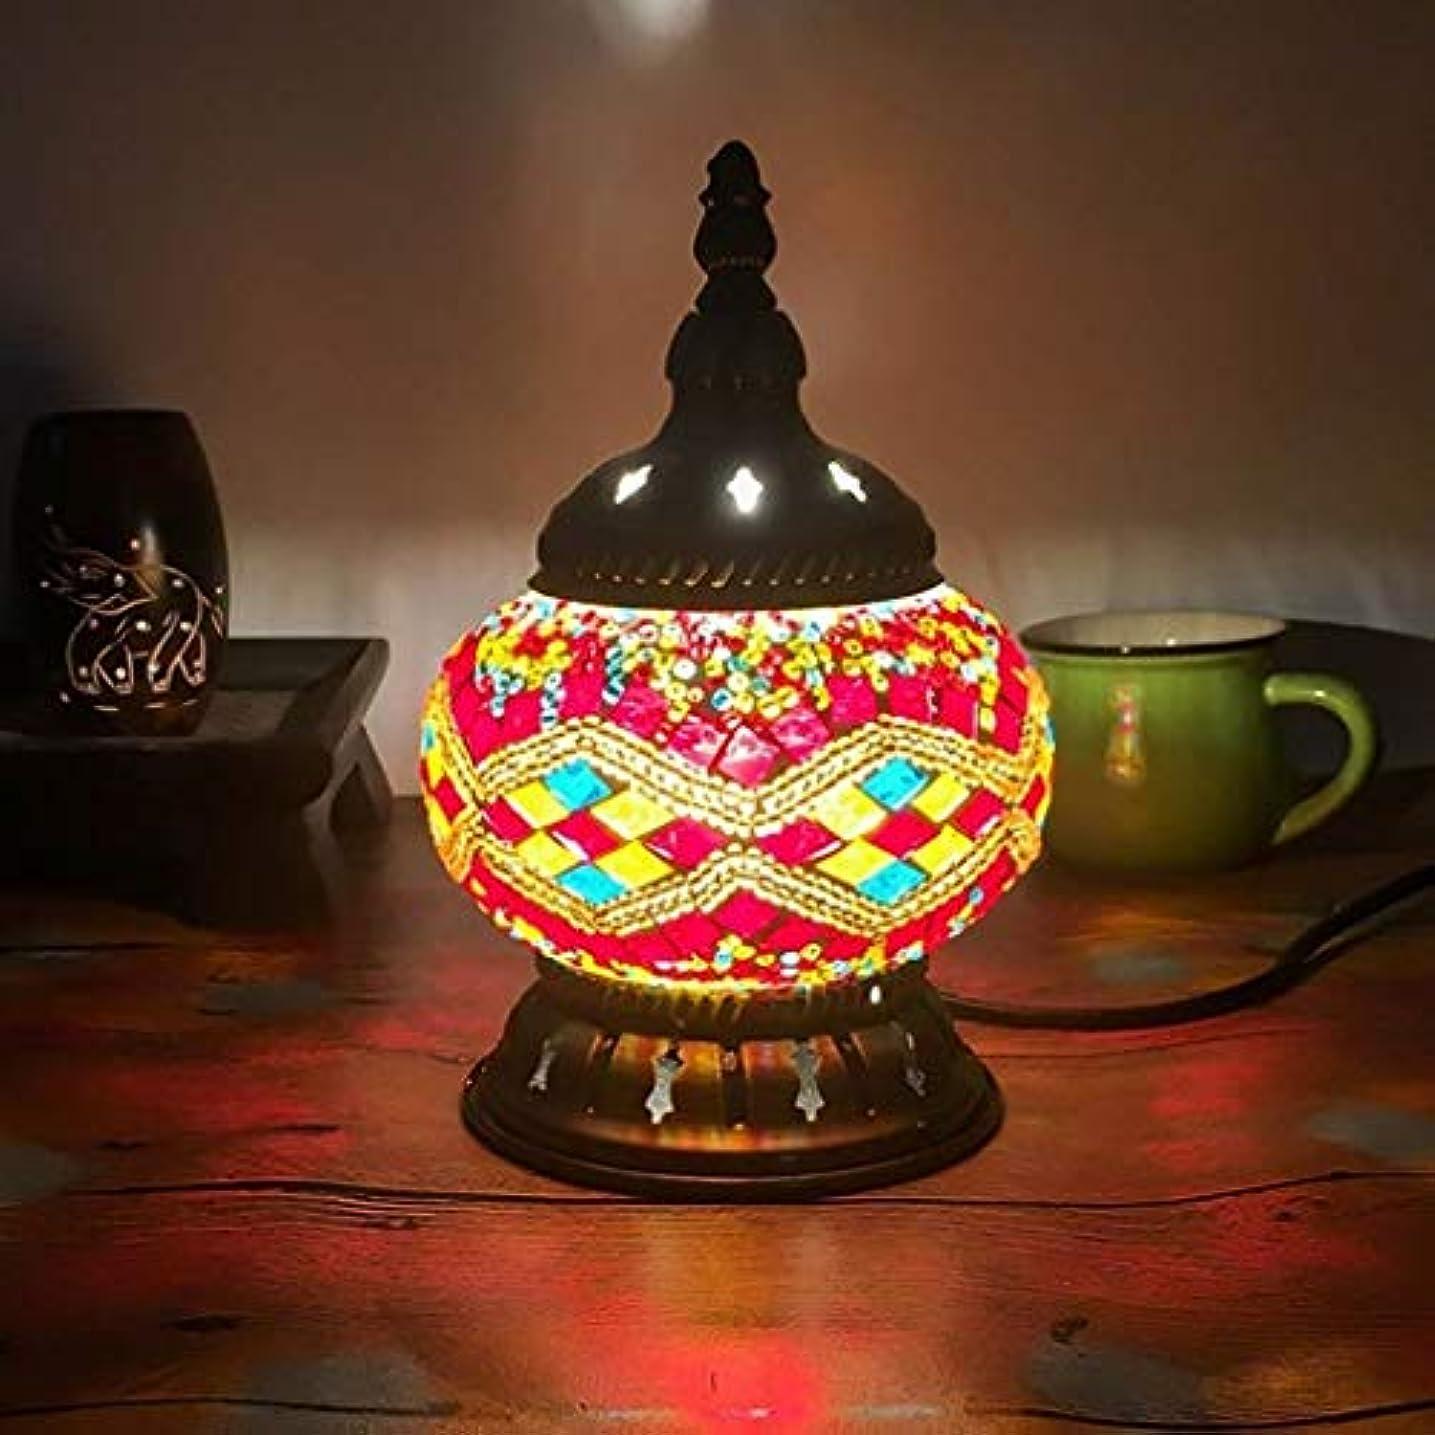 ホステスもつれビルシロス トルコのテーブルランプ、レトロな金属ディスプレイランプ屋内照明ムードランプレストランバー寝室リビングルーム (Color : C)